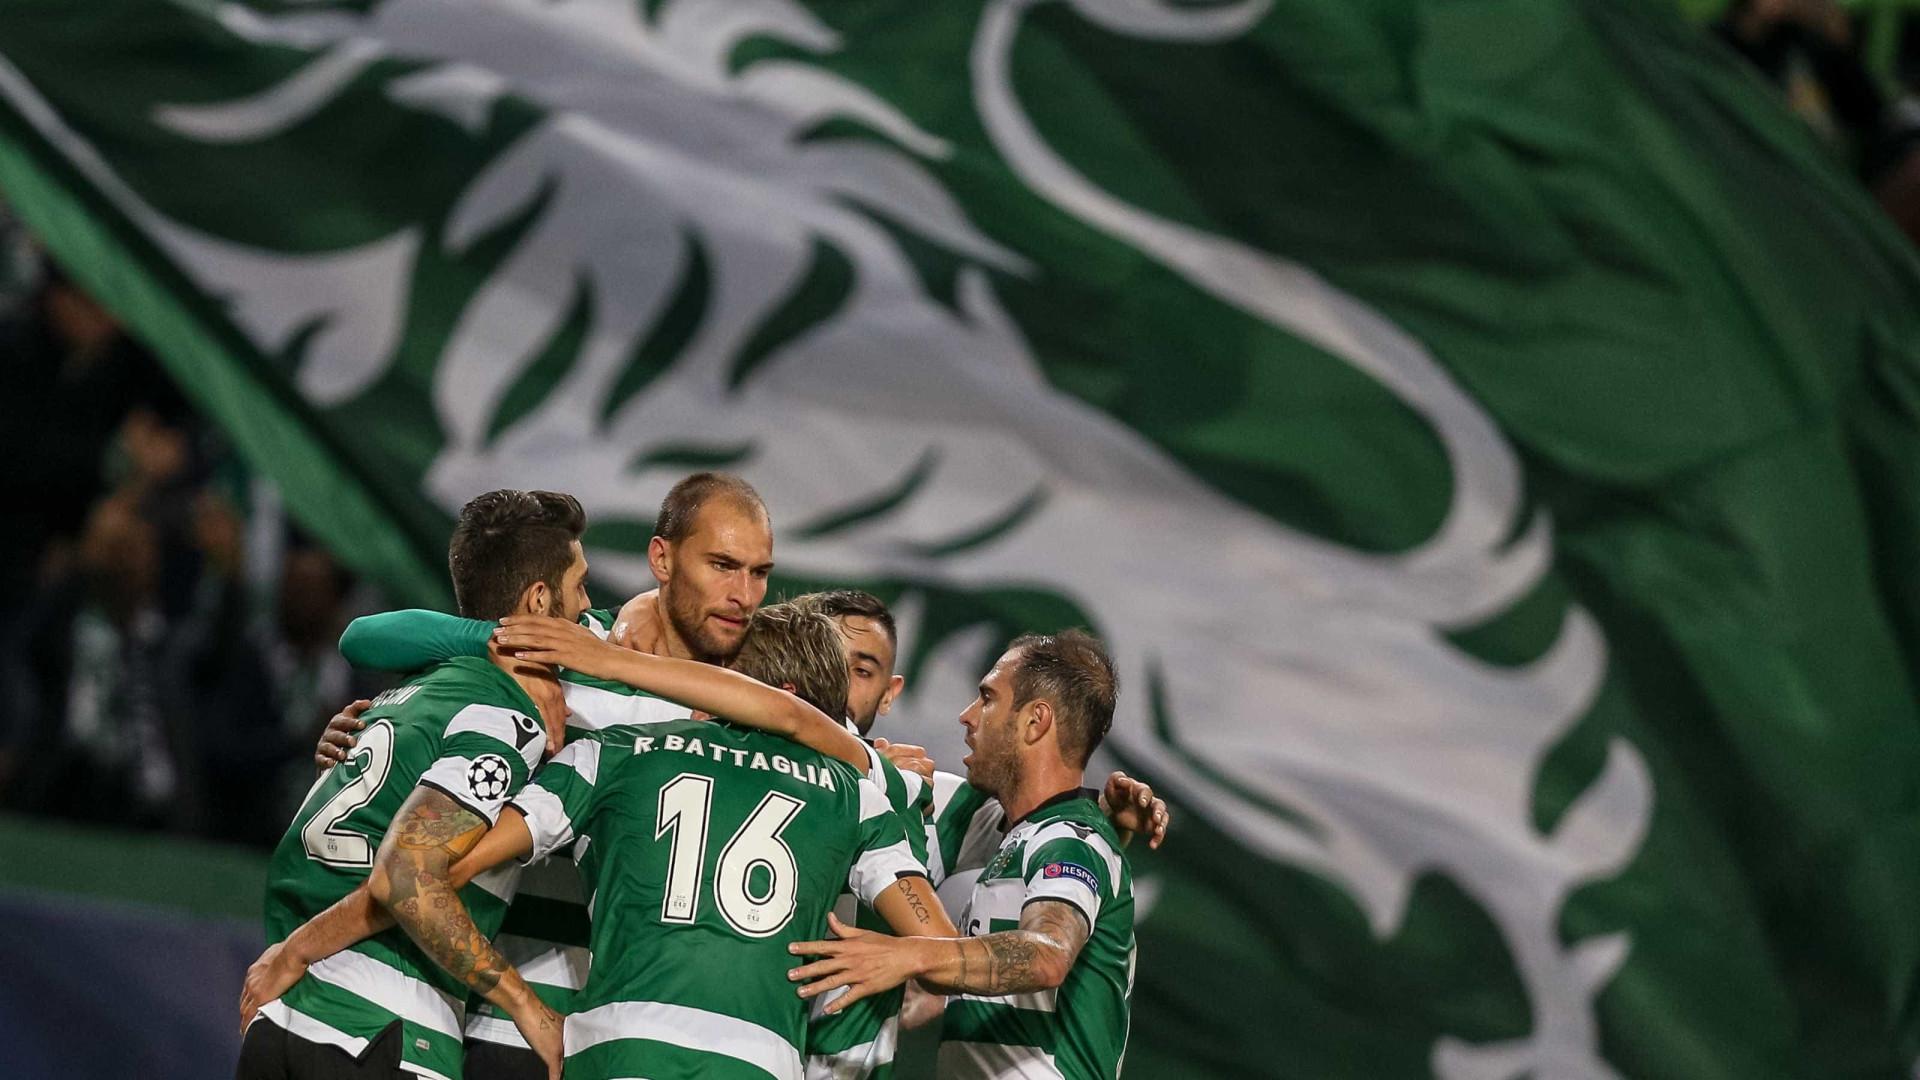 Resultado final: Sporting - Olympiacos, 3-1